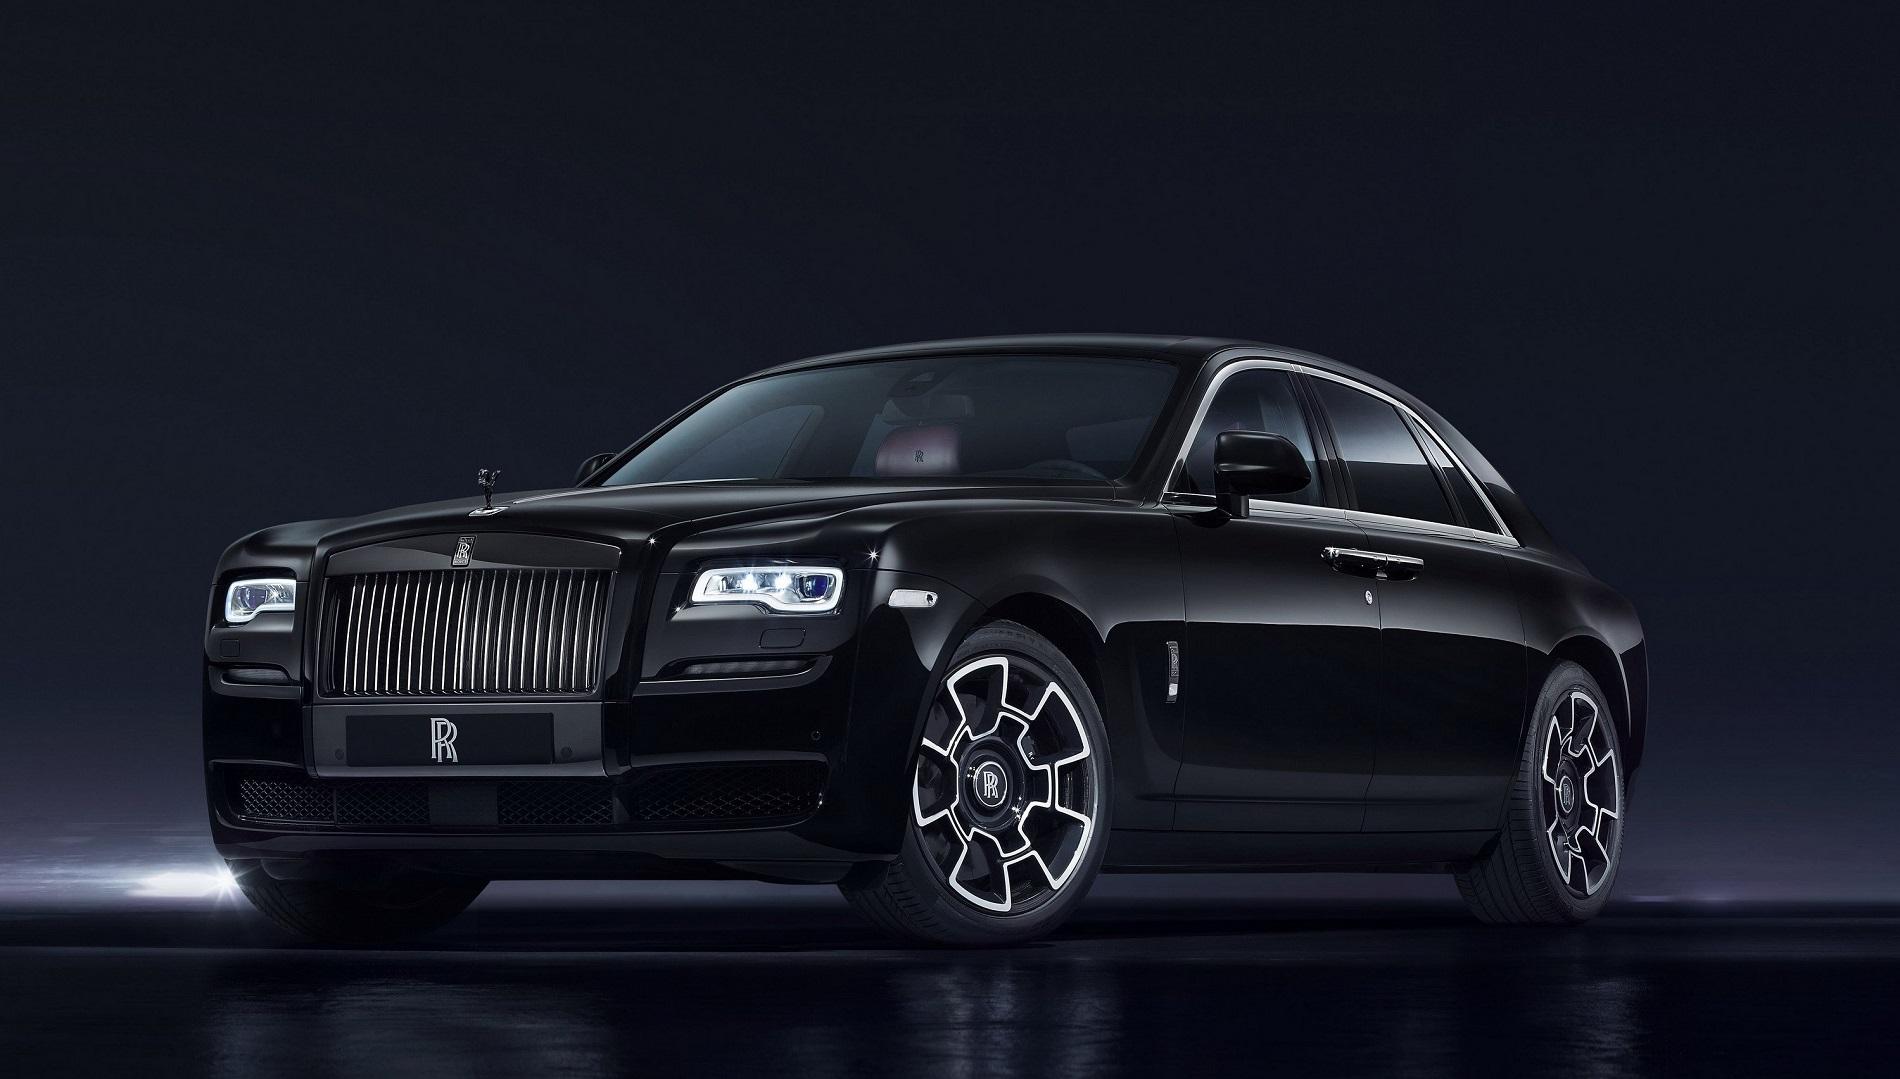 Rolls Royce Ghost Black Badge